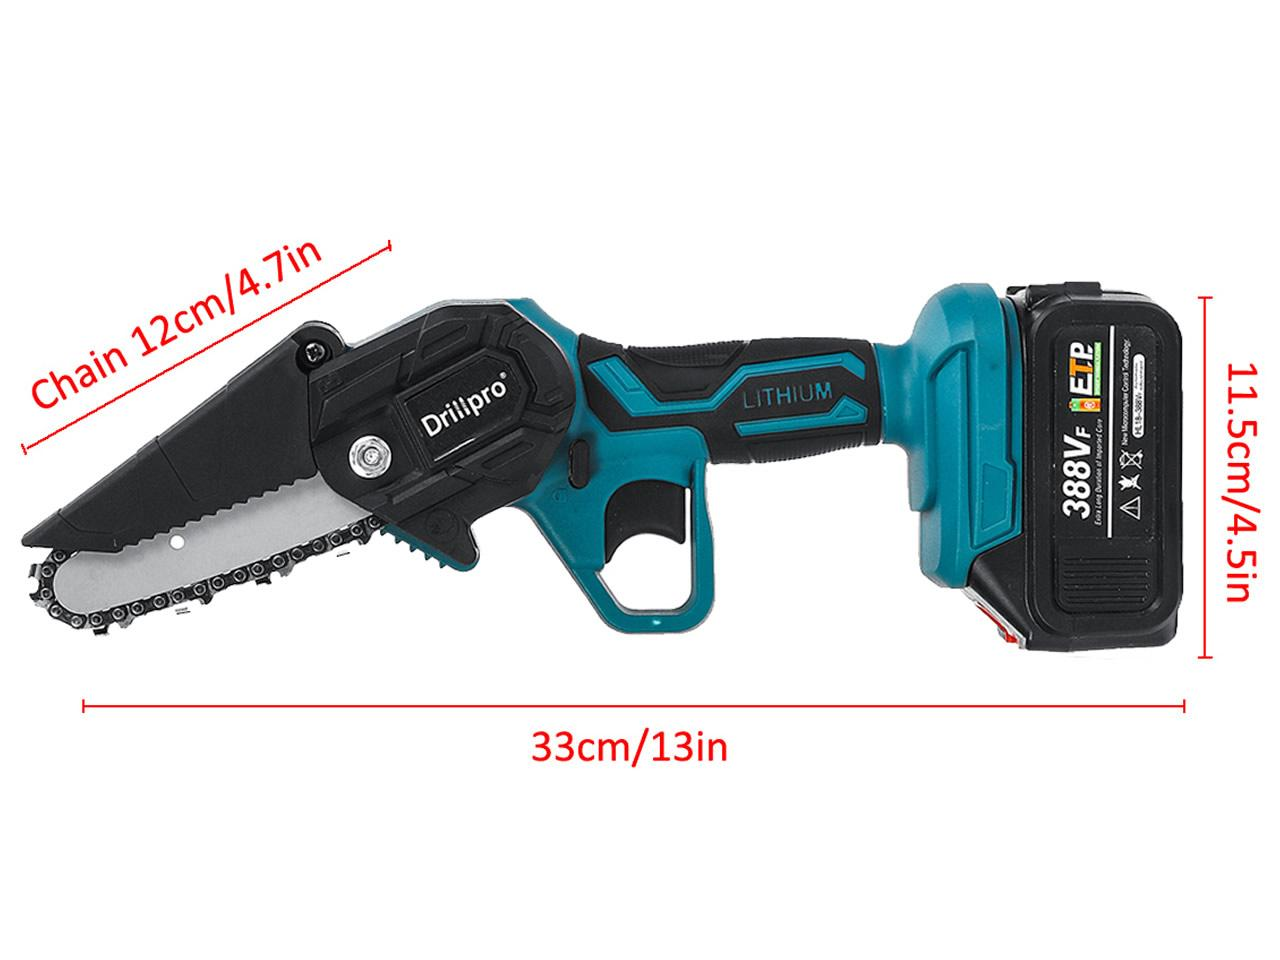 Akumulátorová ruční pila DrillPro 4 palce včetně 1 x 15000mAh baterie 388Vf 18V